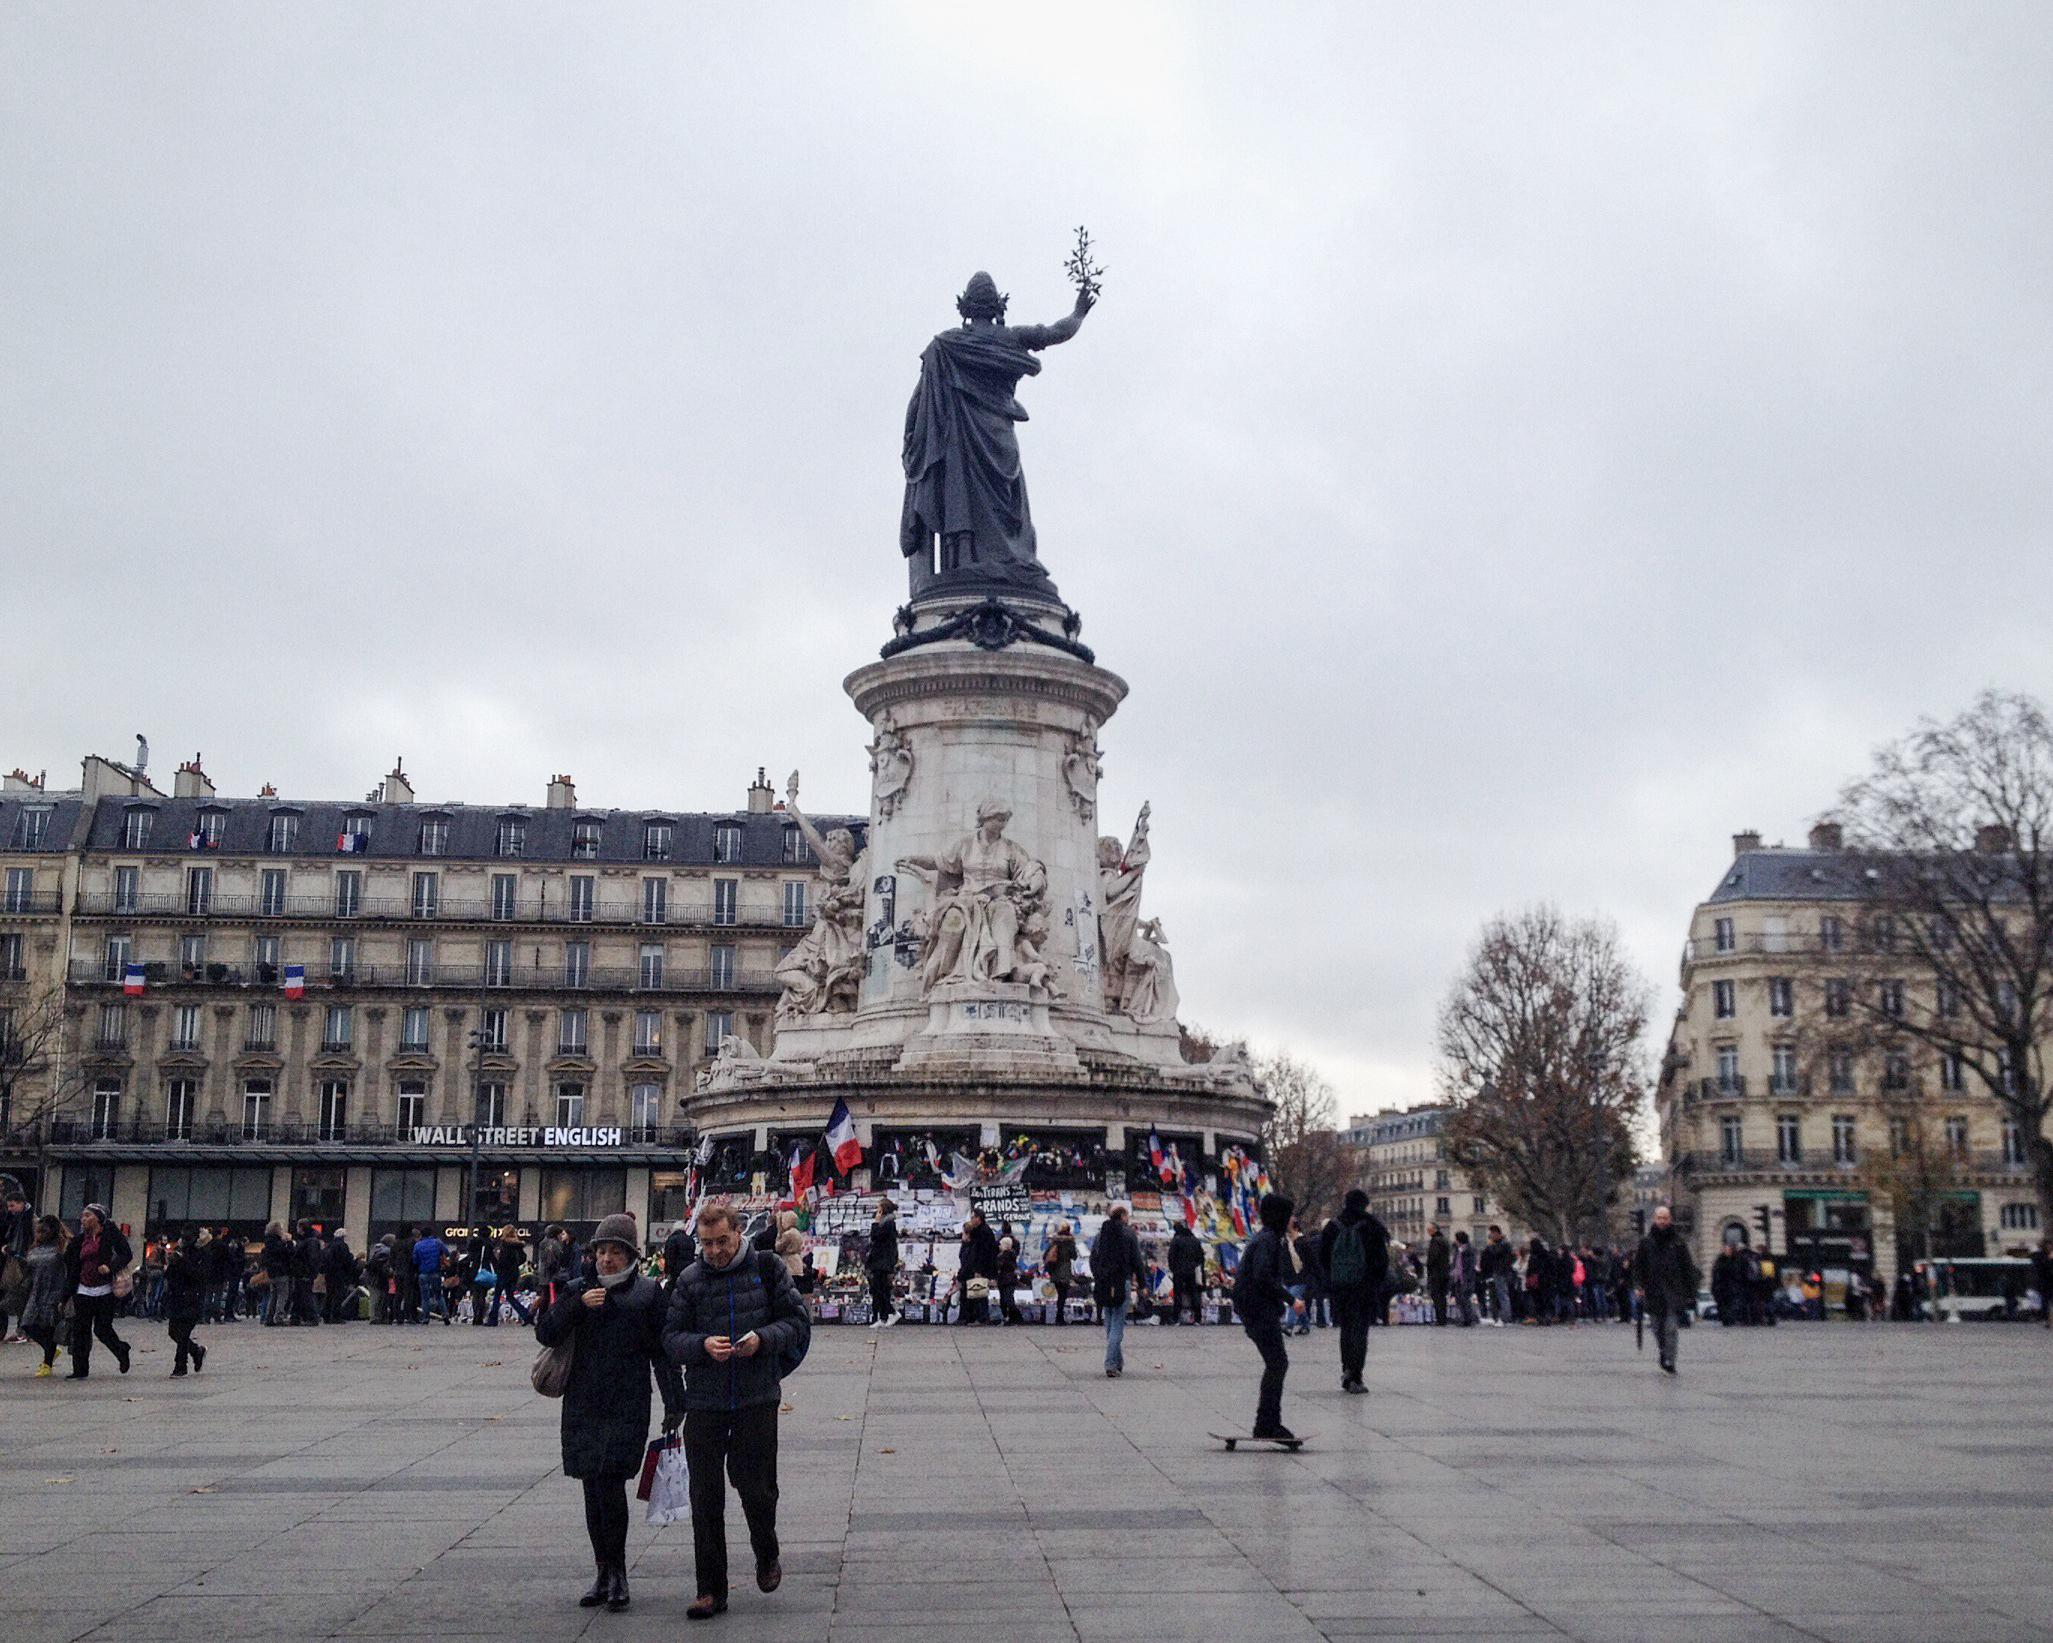 Plac Republiki. Mieszkańcy Paryża zaczęli gromadzić się pod pomnikiem w dzień po zamachach (fot. Ana Brzezińska)